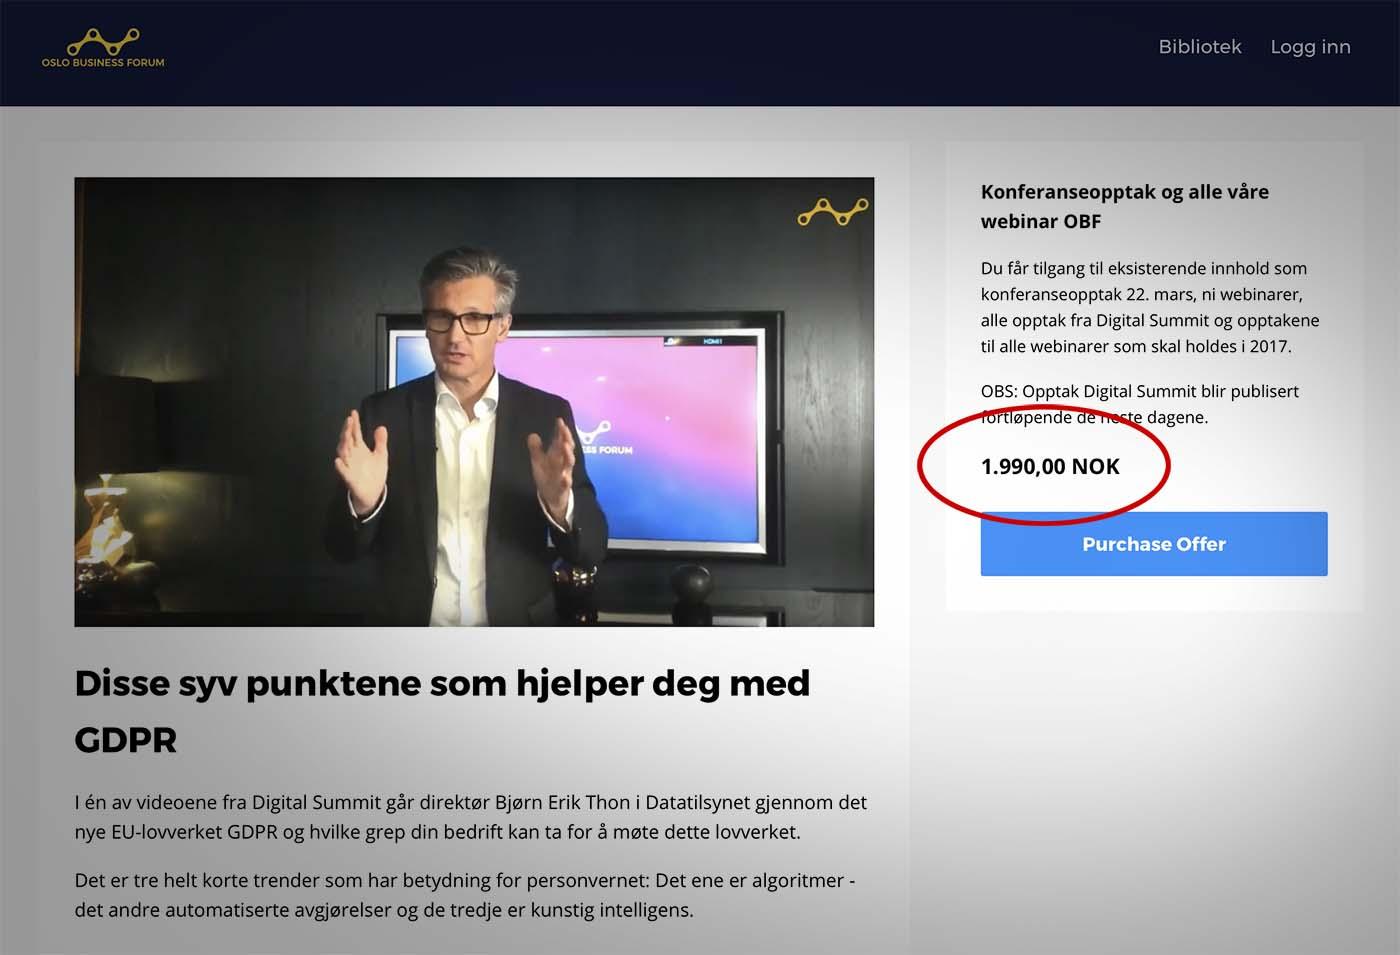 Skjermdump av nettsiden til Oslo Business Forum. Nettsiden viser et bilde av Bjørn Erik Thon og et tilbud om å kjøpe et videoopptak.